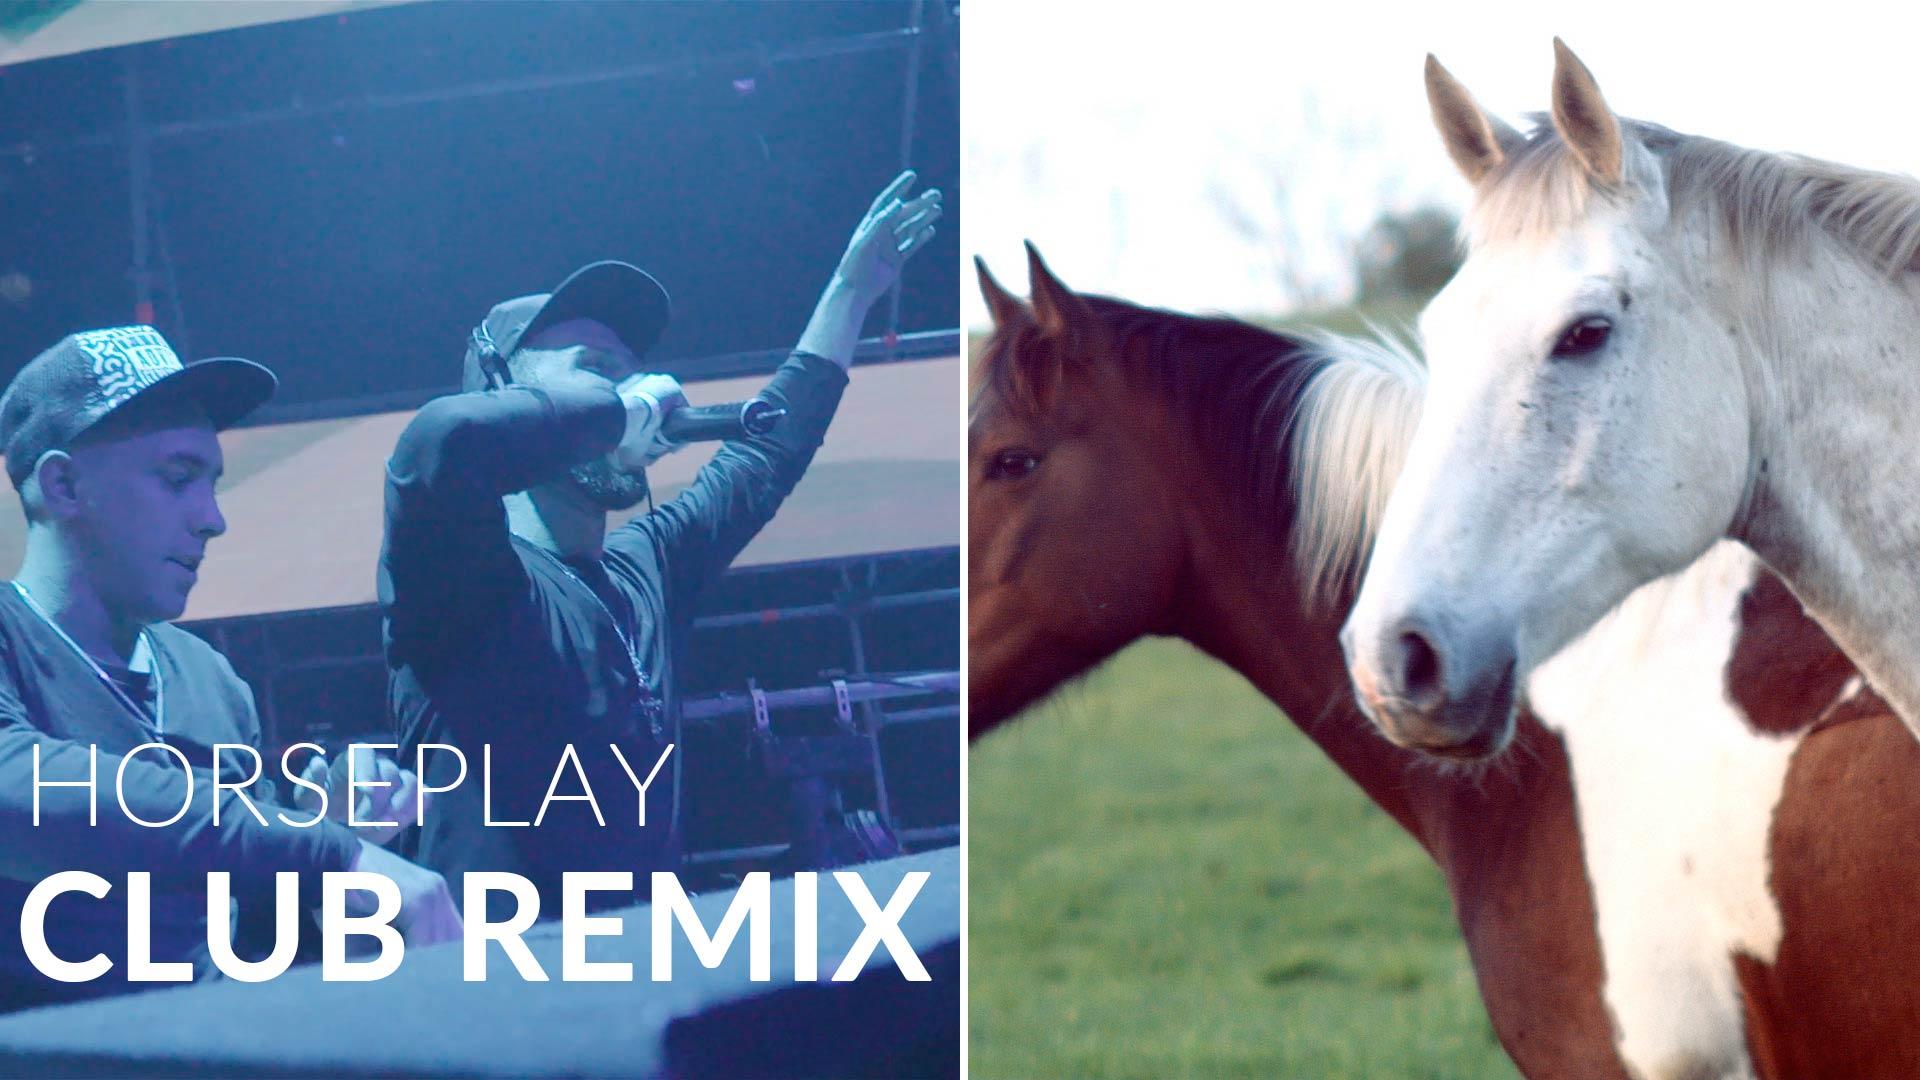 Horseplay Blackrock Club remix